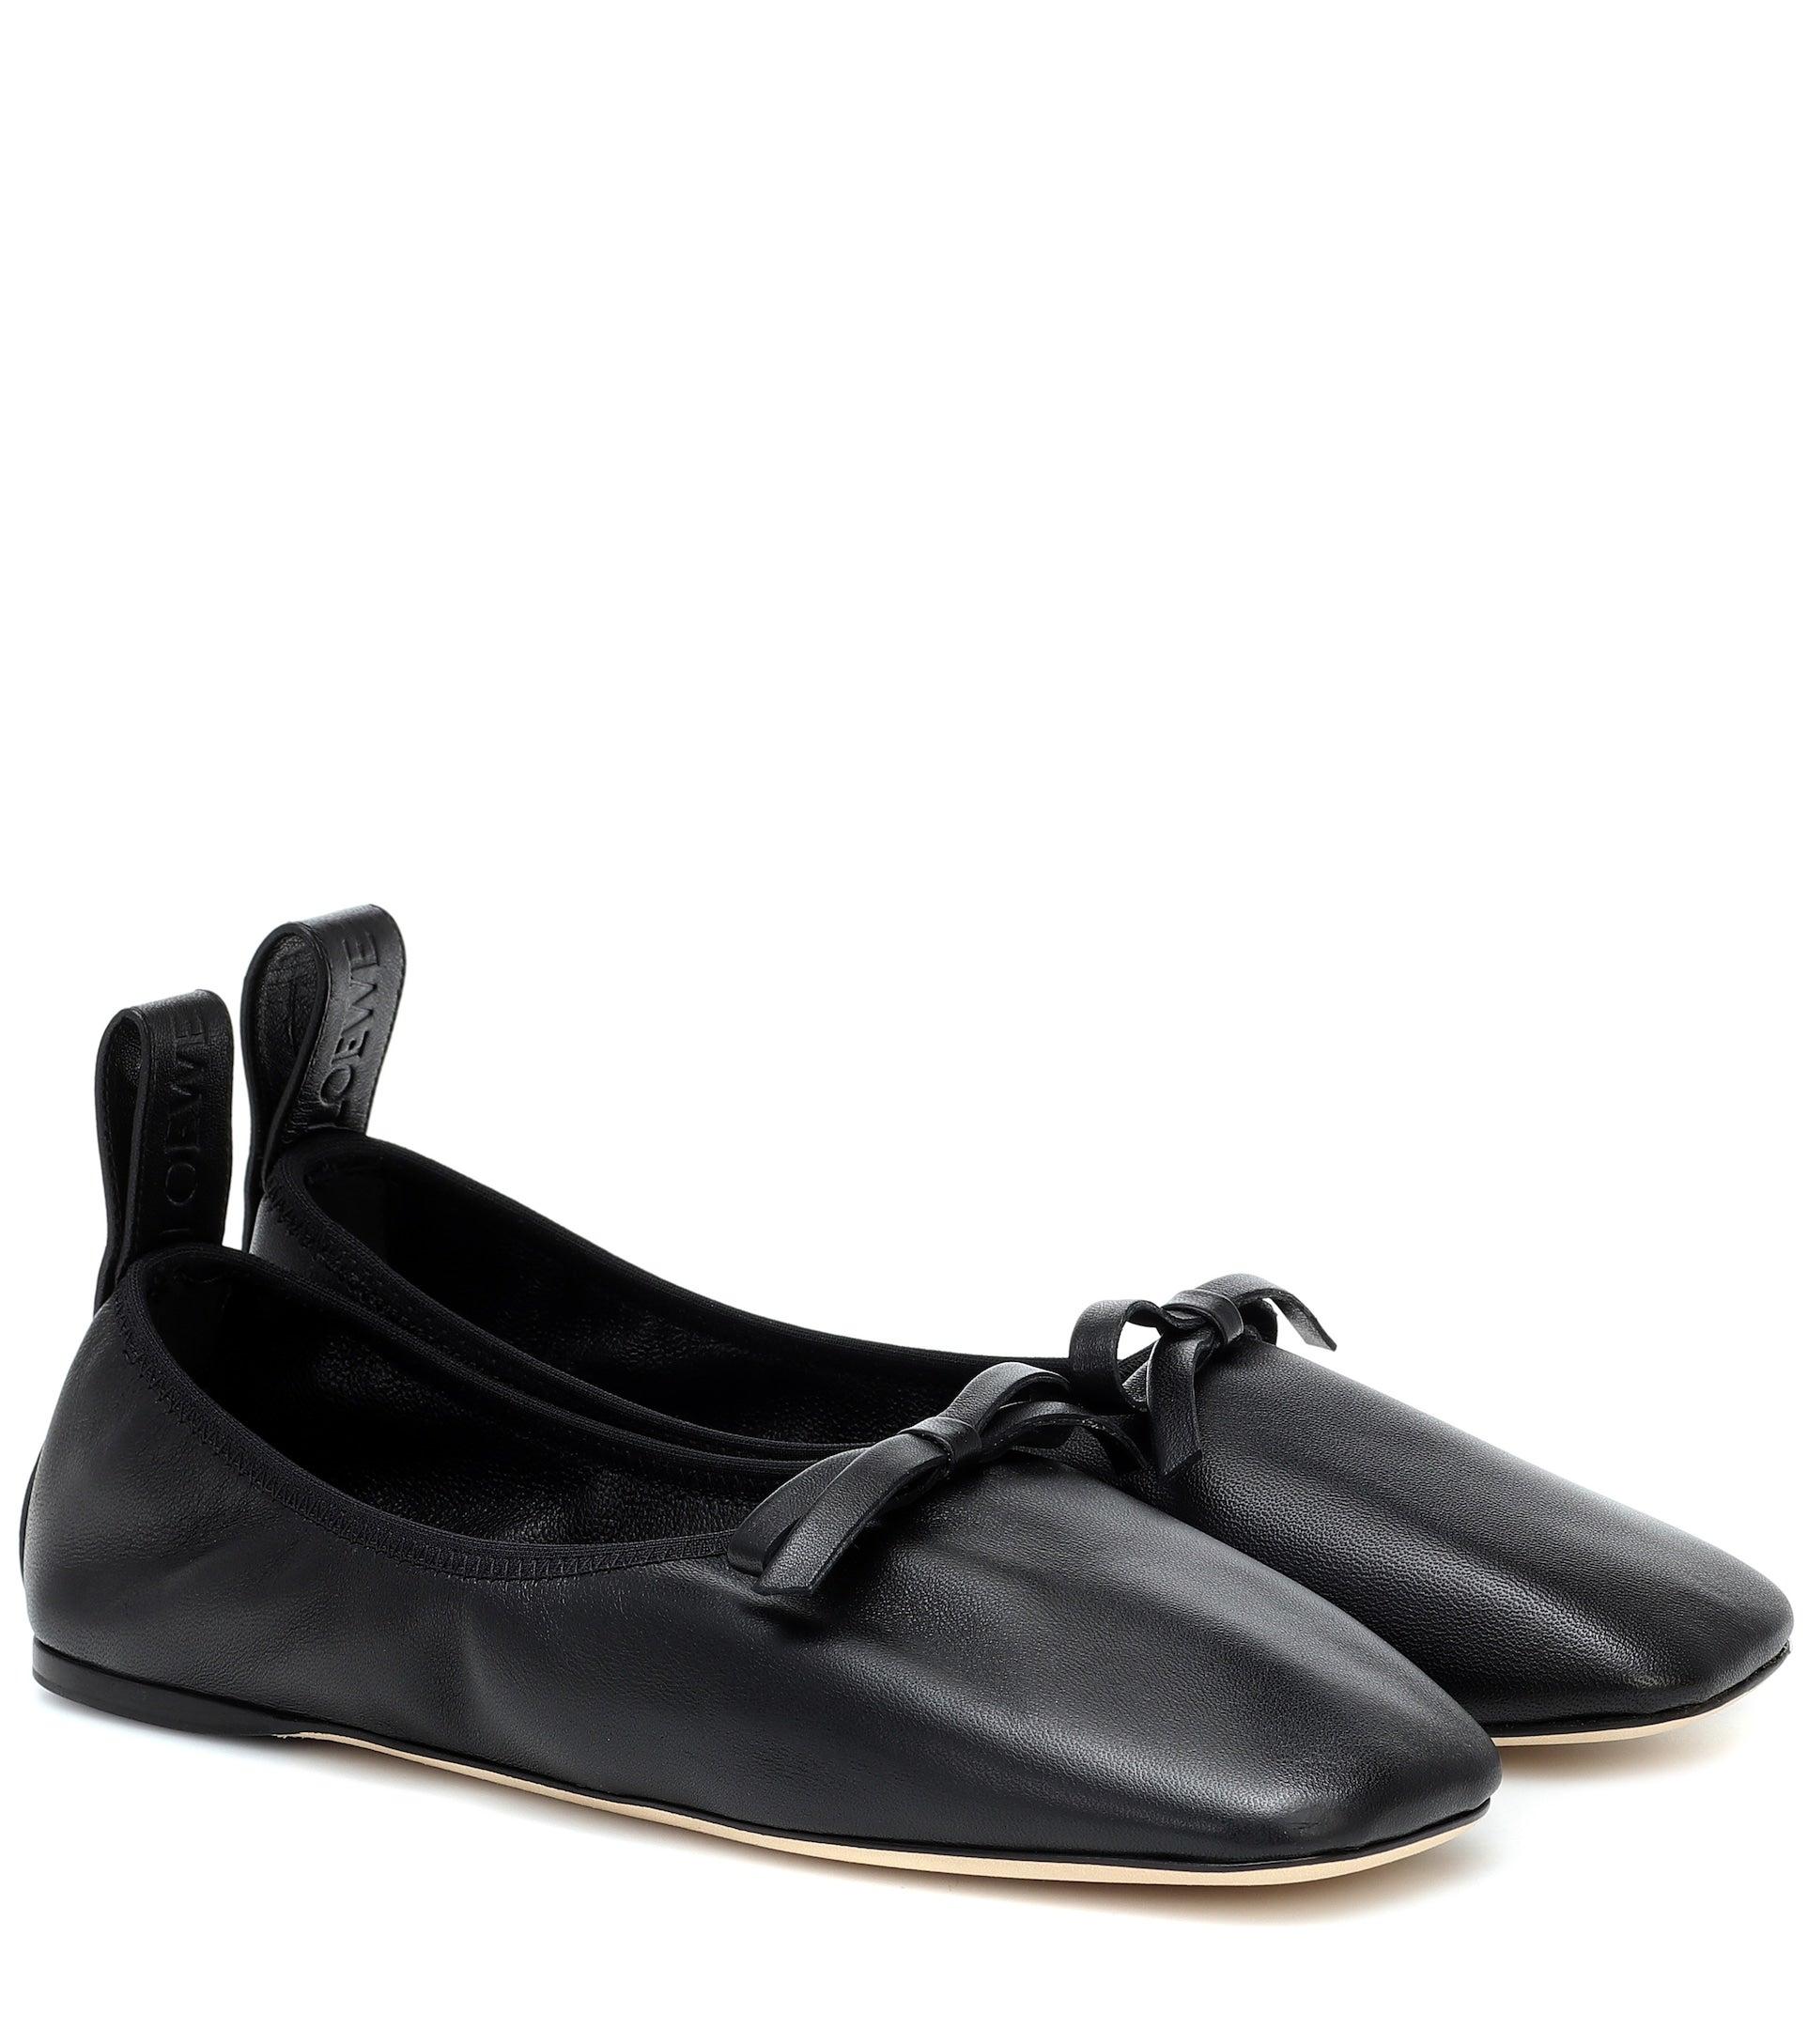 Loewe Leather Ballet Flats